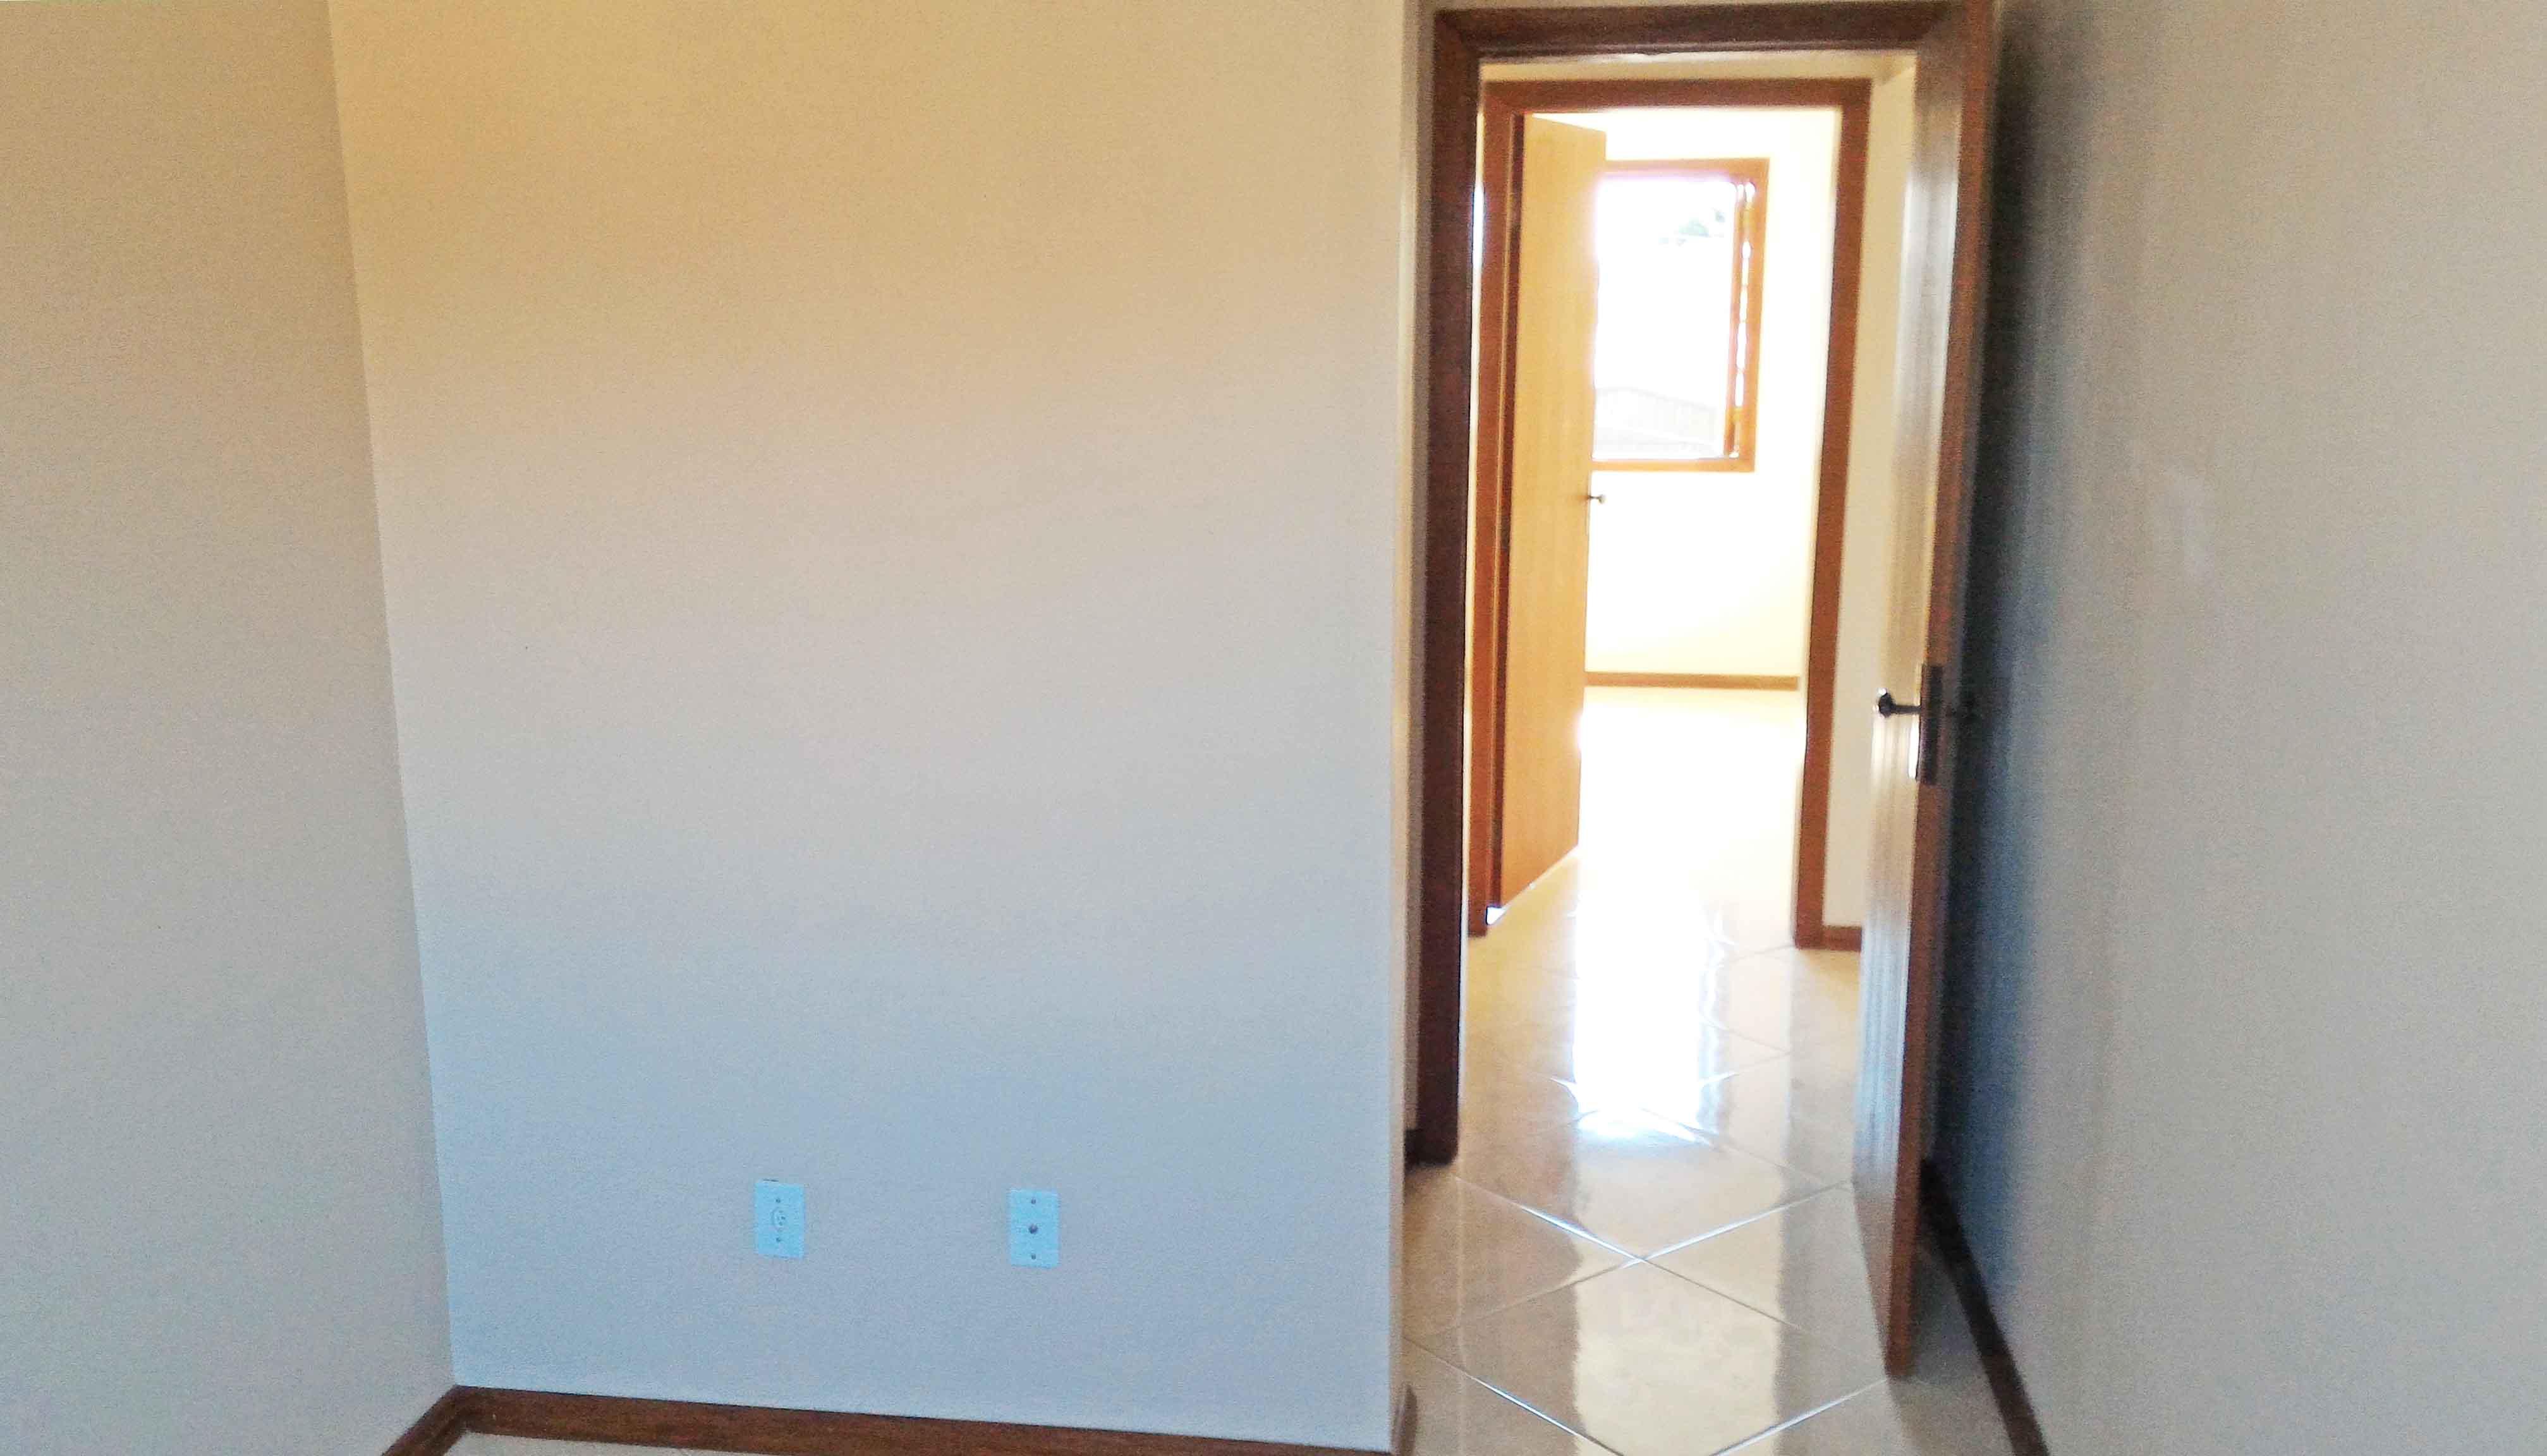 Ap202-porta-do-quarto-de-solteiro(2)